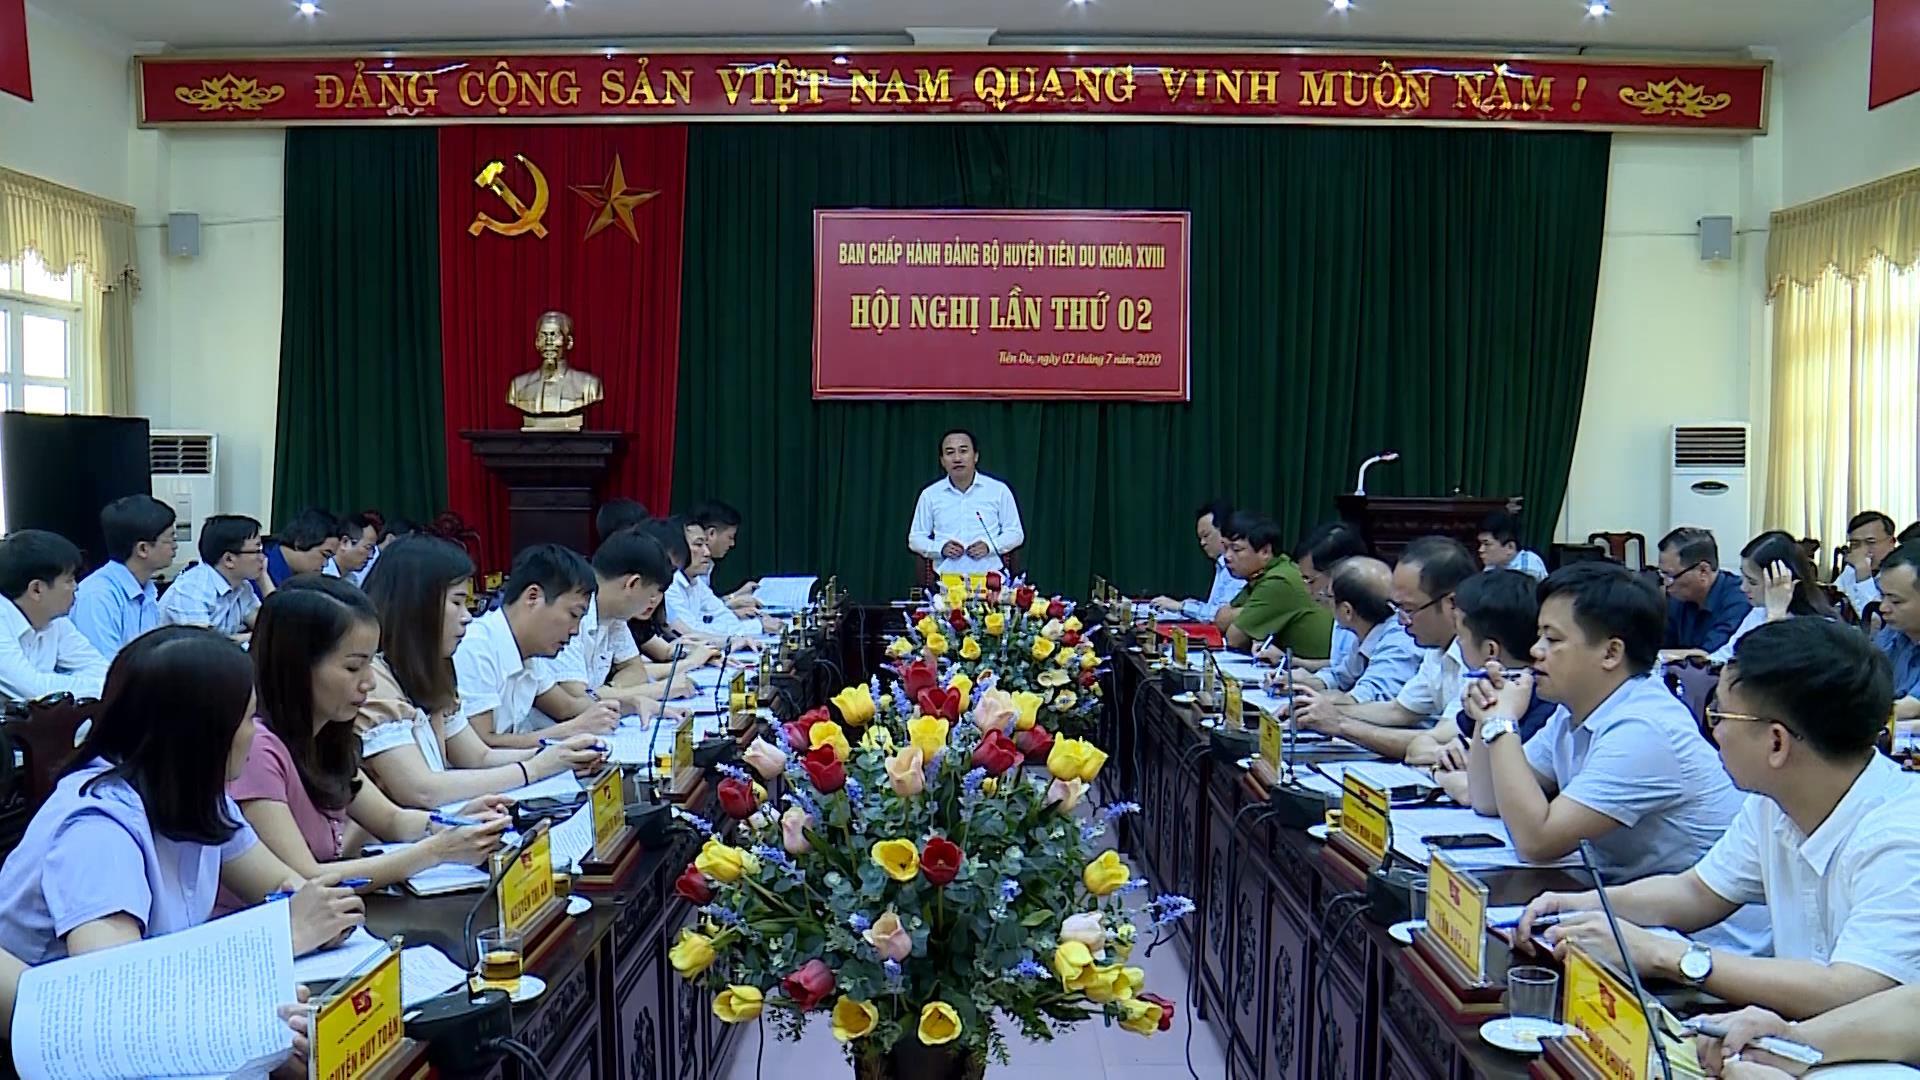 Hội nghị lần thứ 2, Ban chấp hành Đảng bộ huyện Tiên Du khóa 18